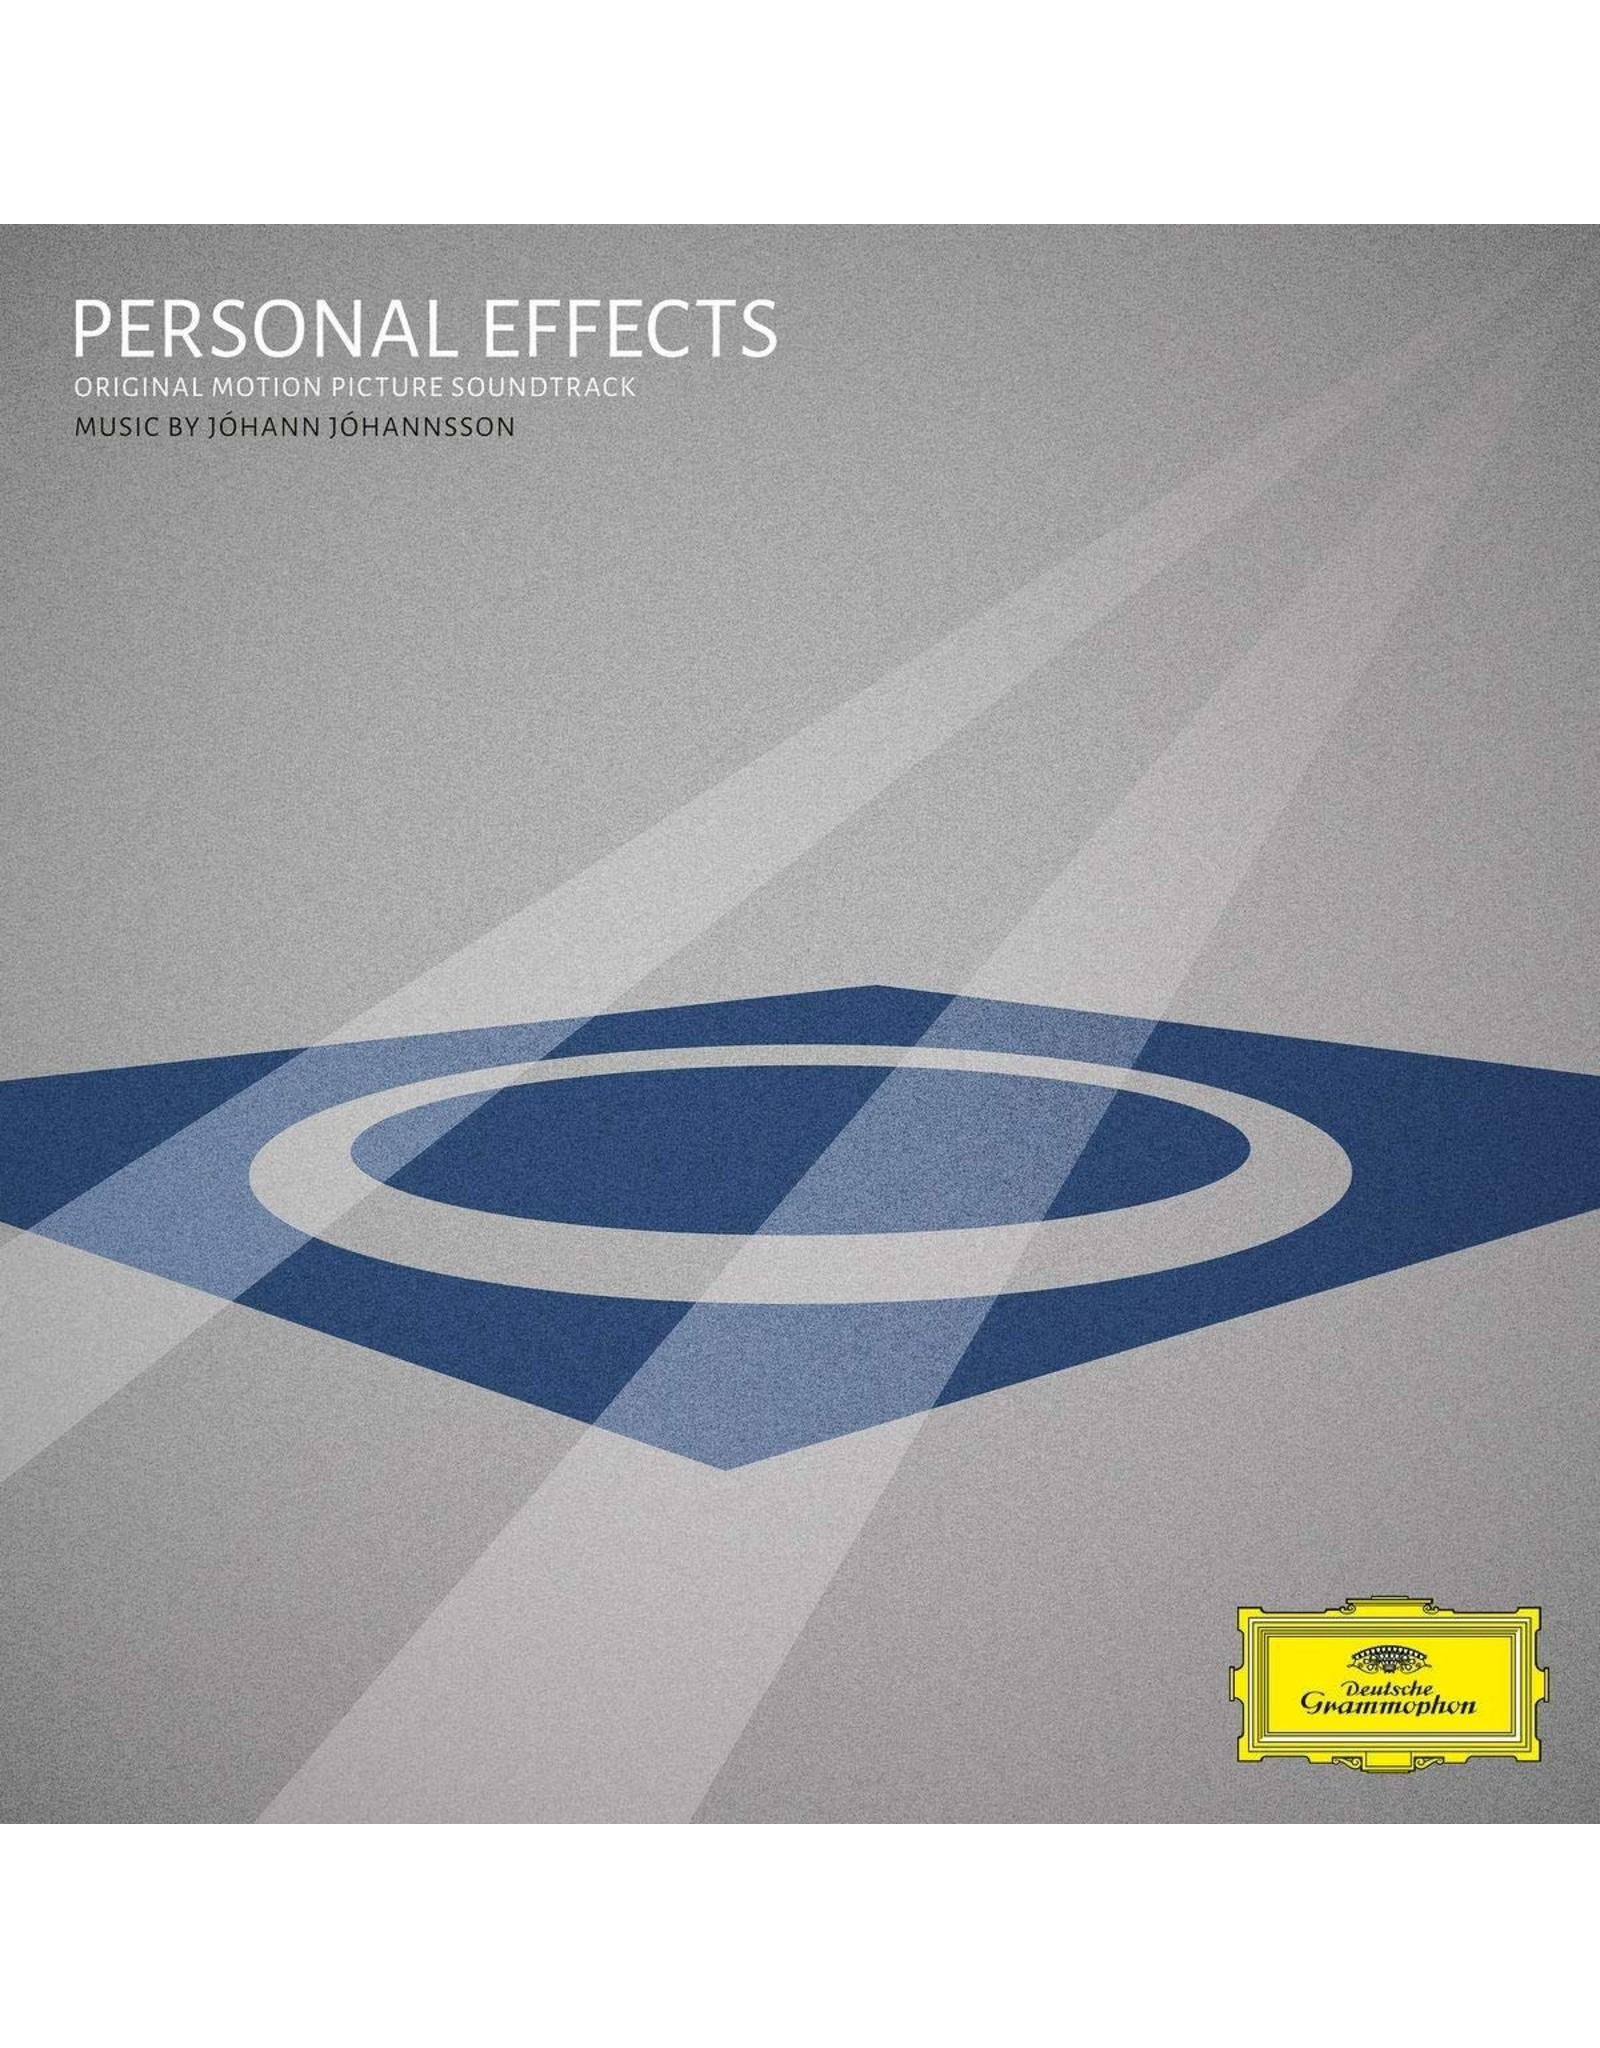 Johannsson, Johann - Personal Effects (OST) LP